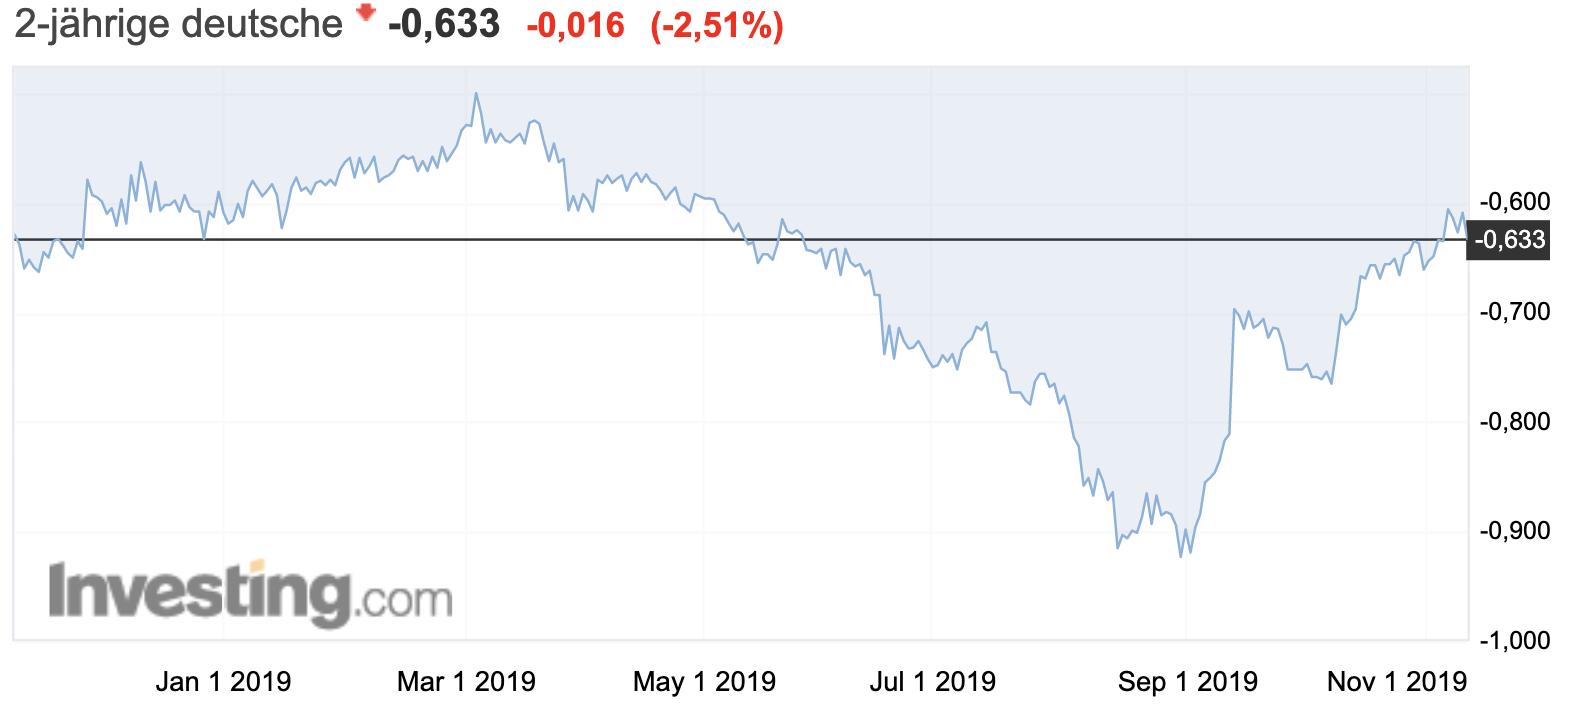 Anleiherenditen 2 Jahre